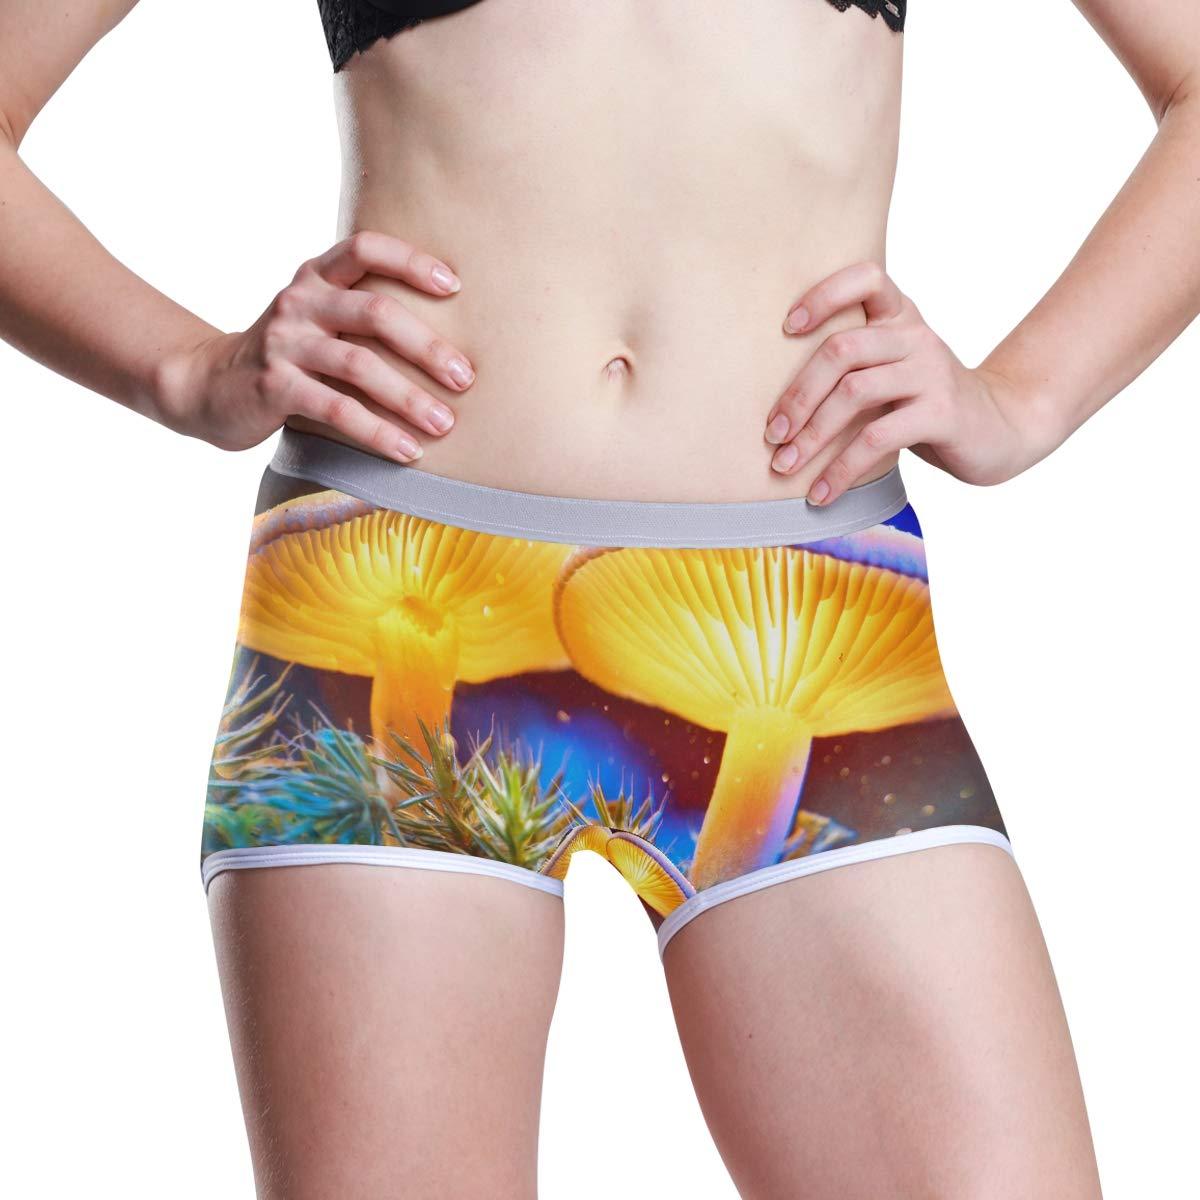 DERLONKAJE Boyshort Panties Womens Lavender Giraffe Purple Soft Underwear Briefs